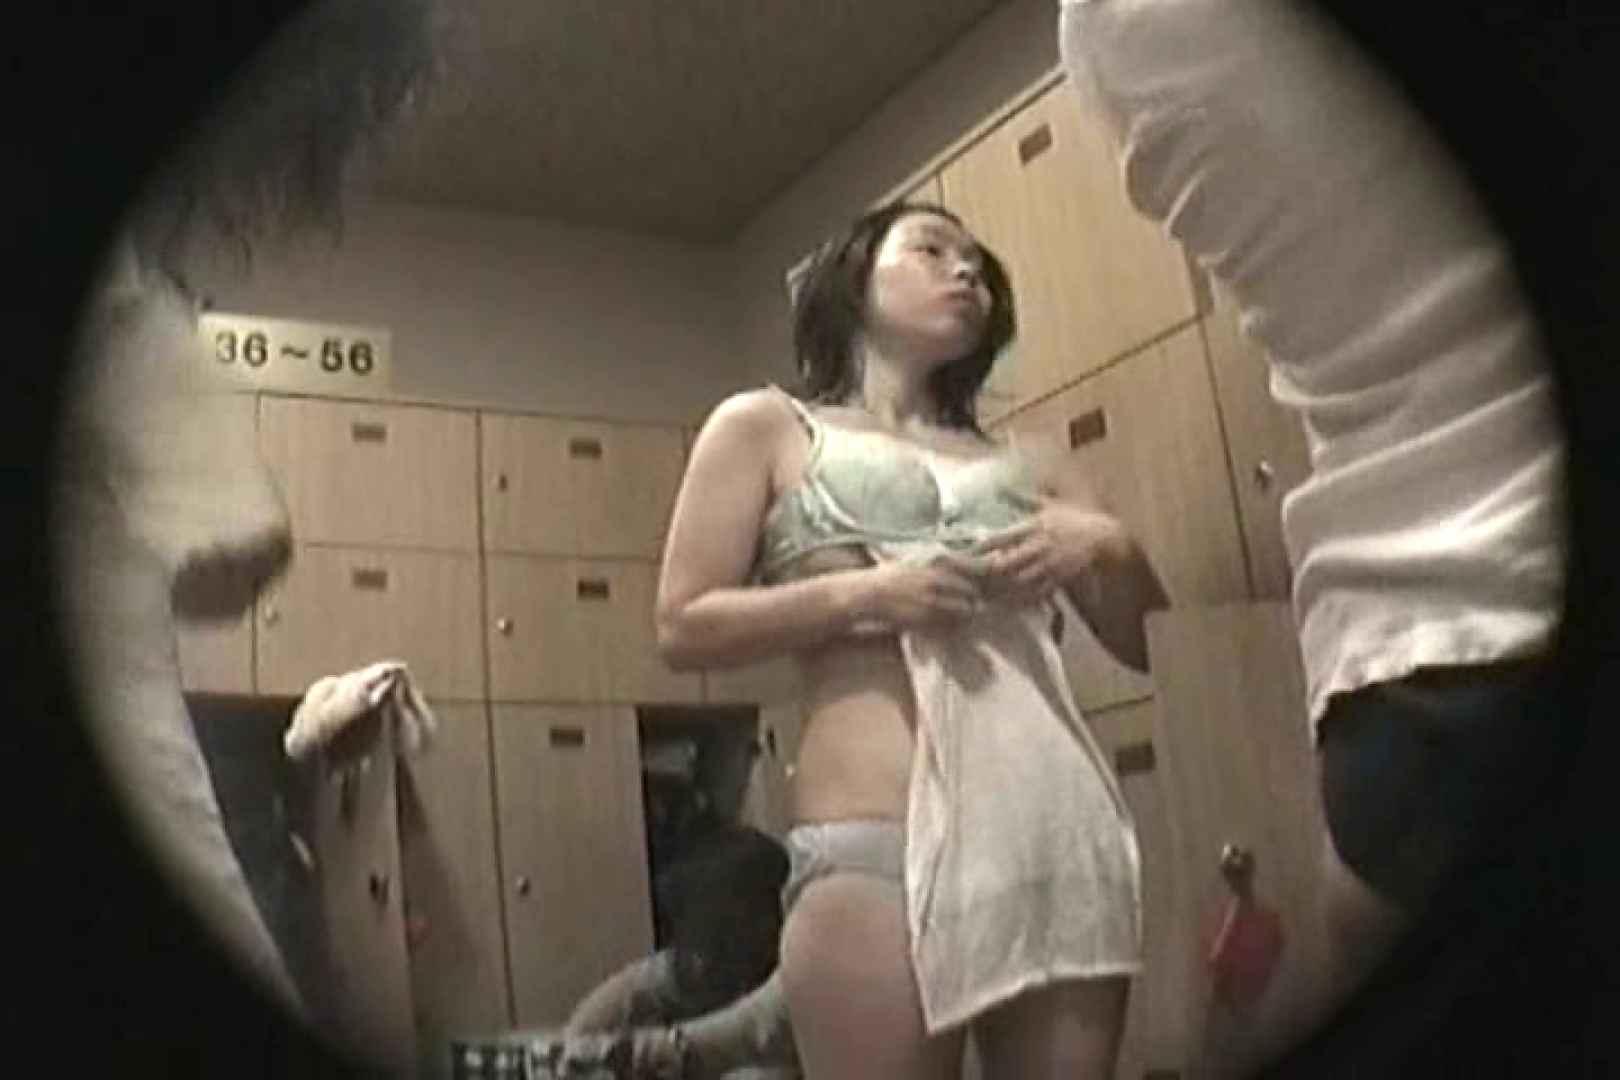 新女風呂51 むっちり | 女風呂  72画像 55